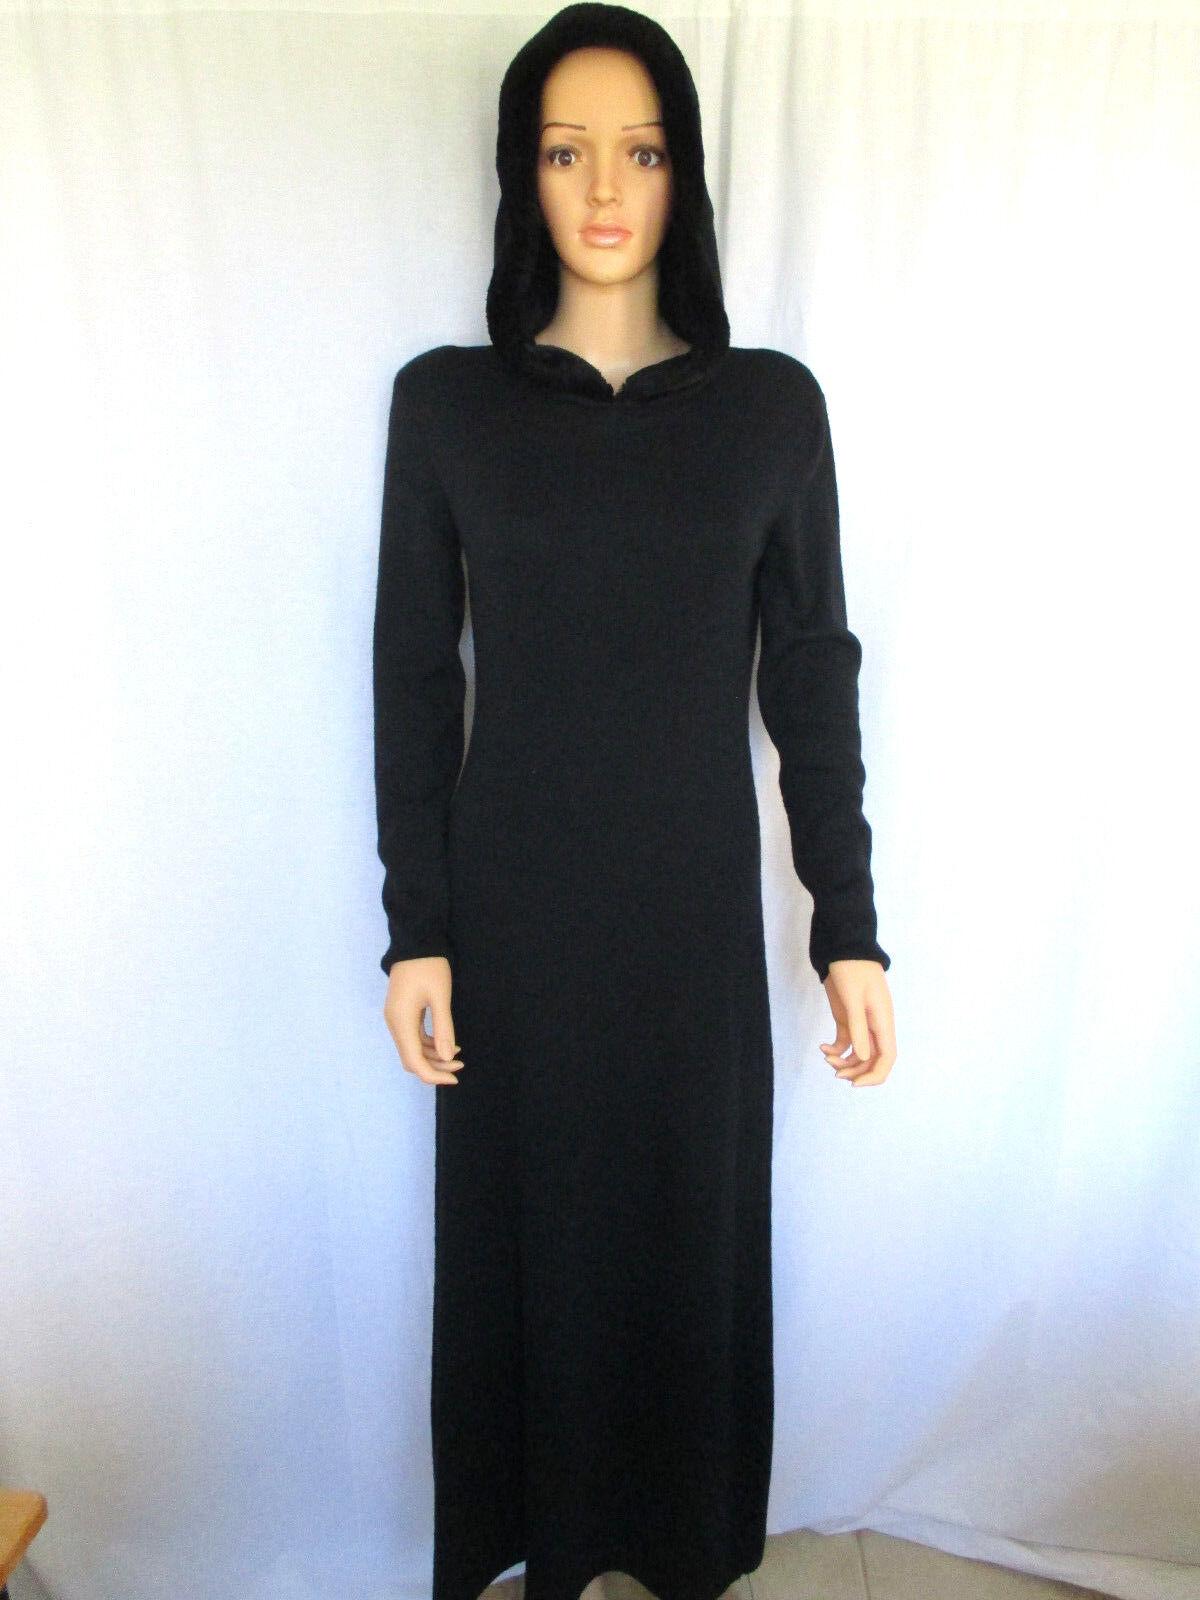 Nina Leonard para mujer Suéter  Vestido Pequeño Negro con Capucha recortado en piel sintética  ahorre 60% de descuento